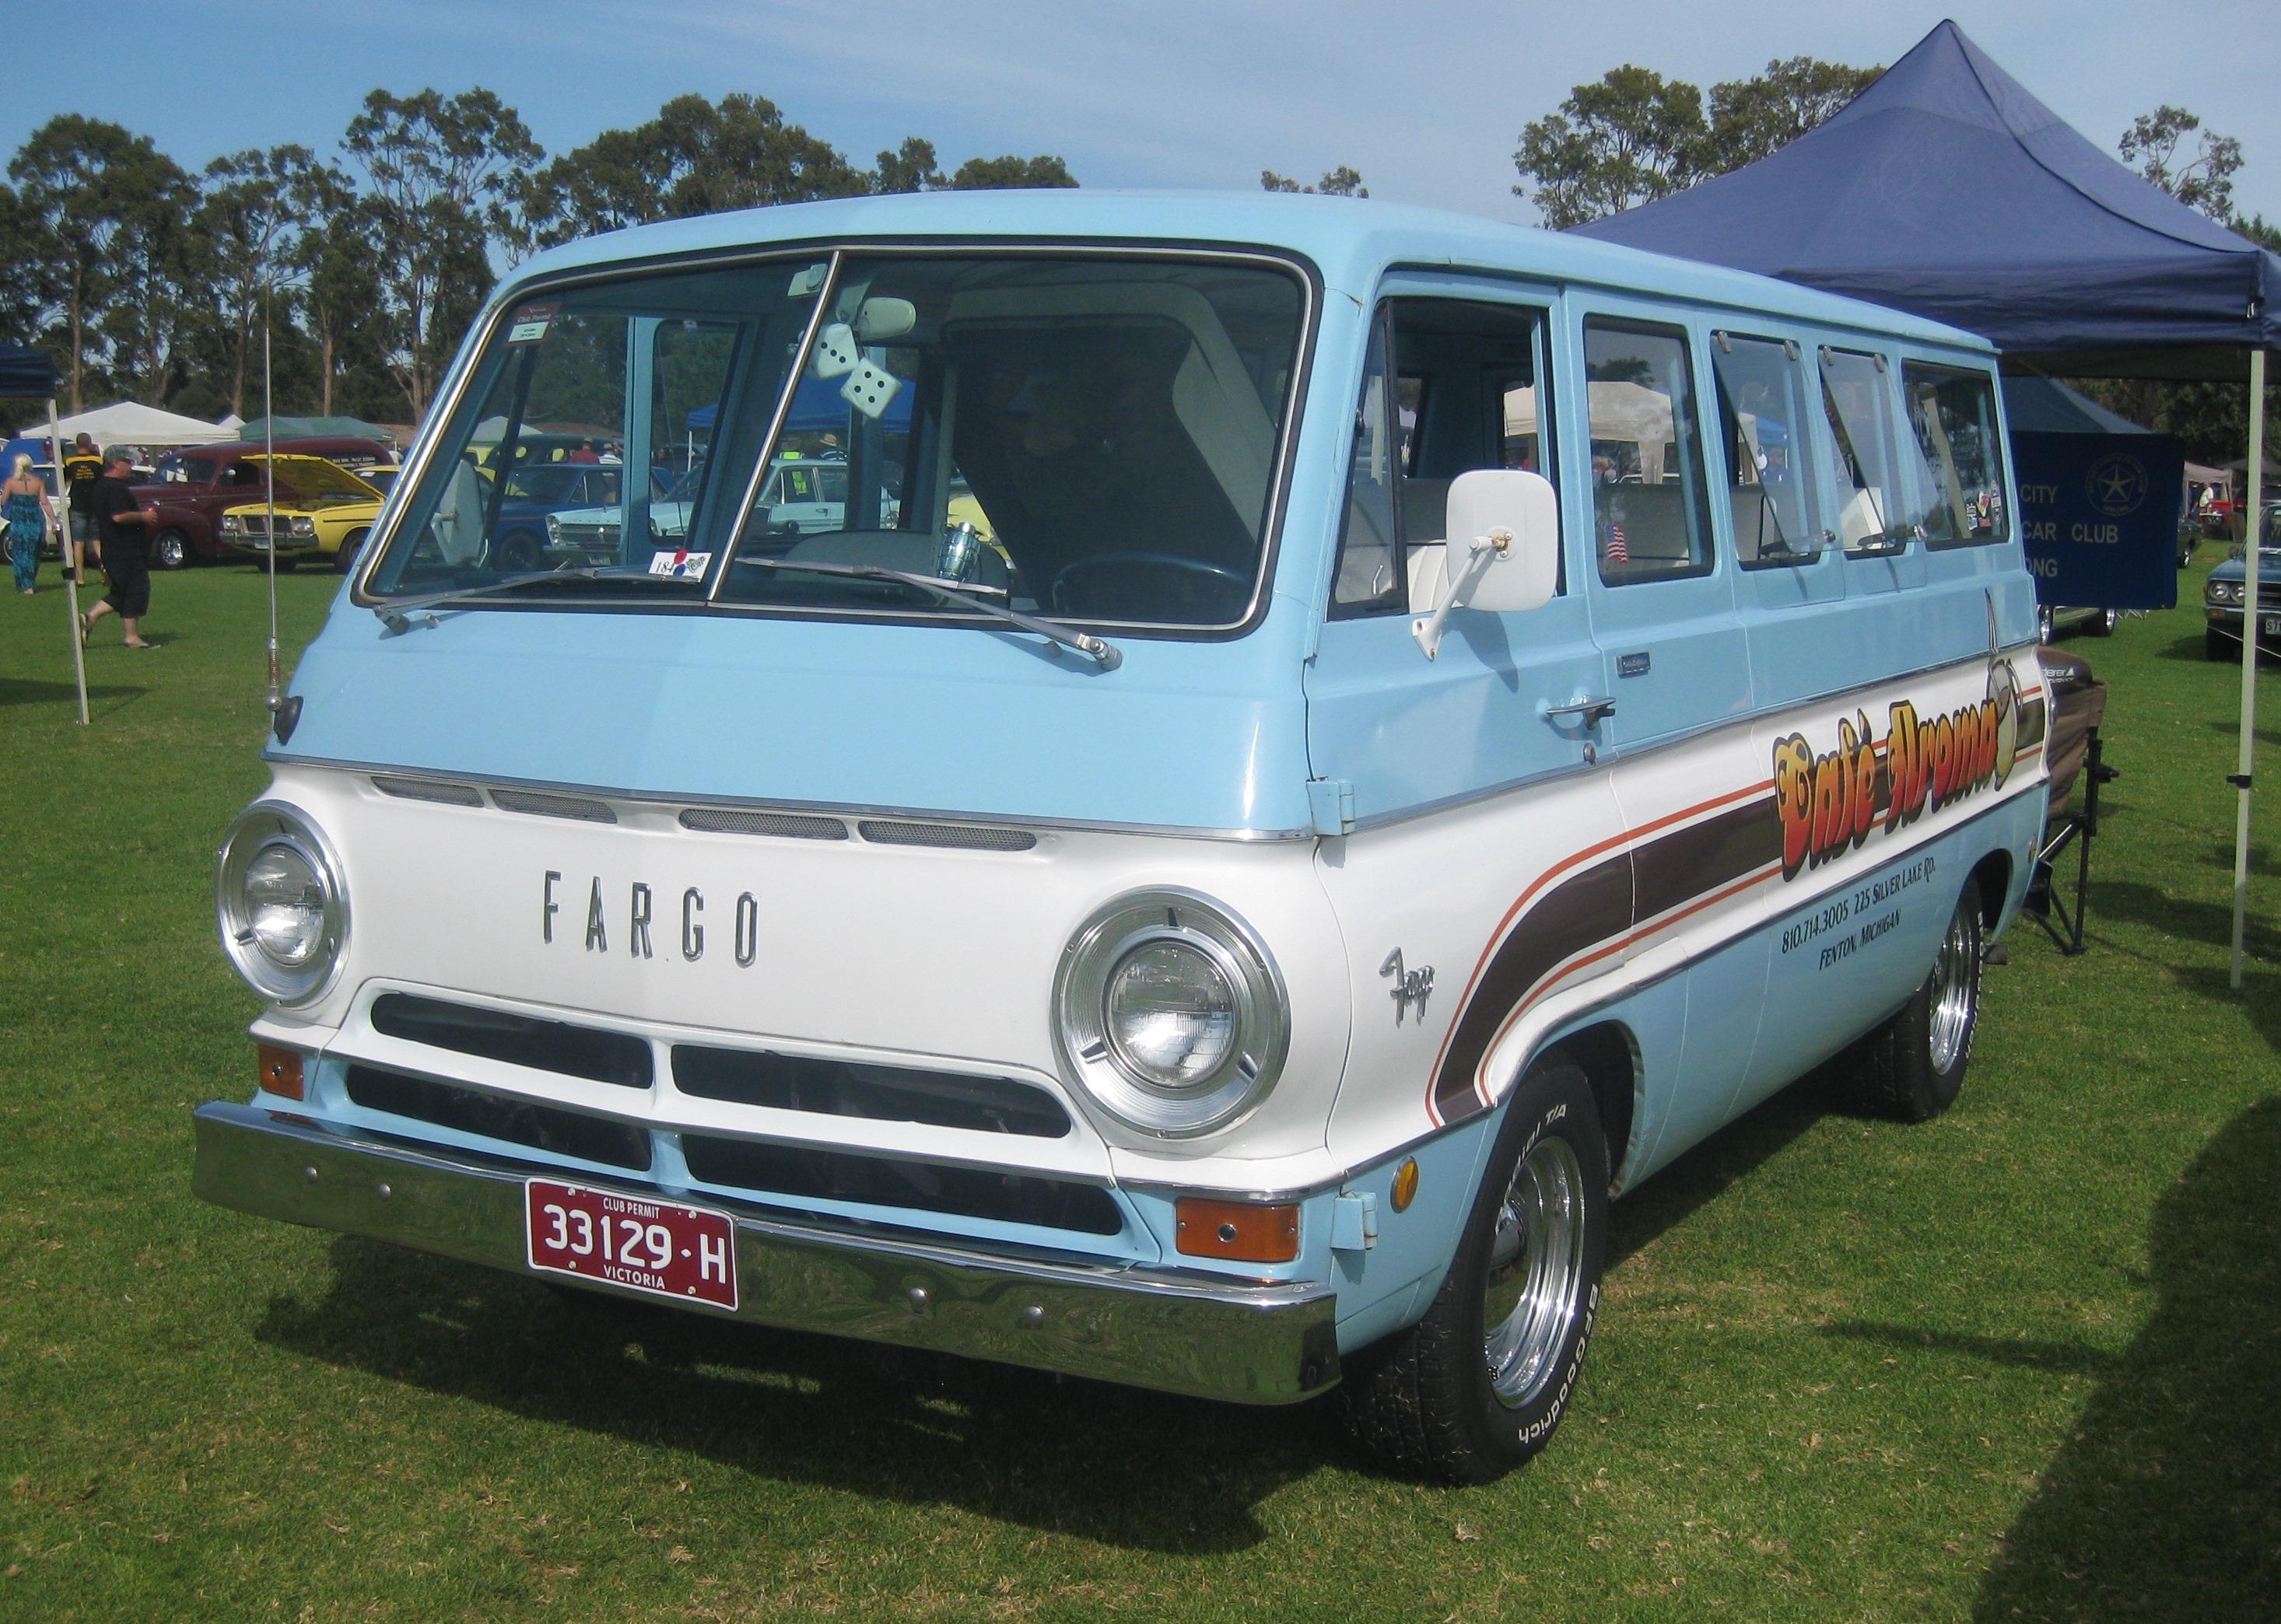 Dodge Work Van >> File:Fargo Van.JPG - Wikipedia